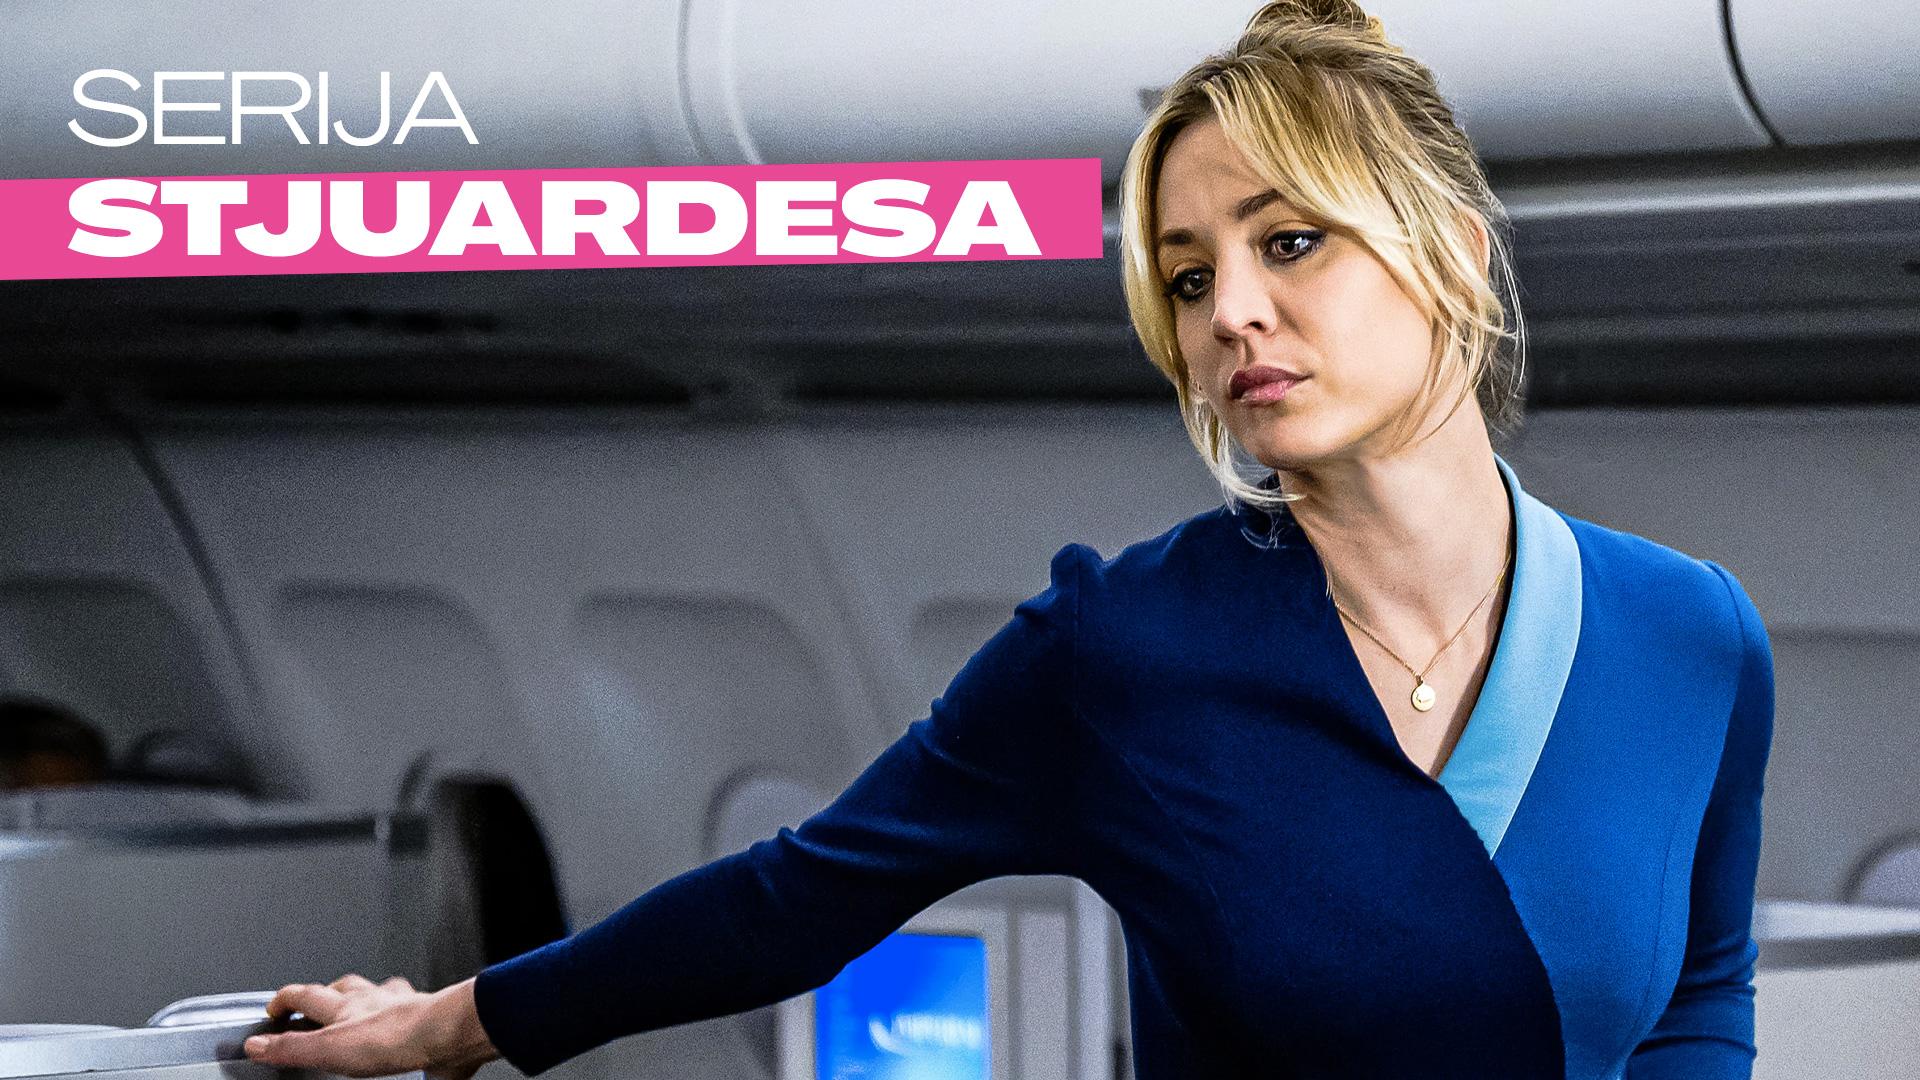 Stjuardesa na HBO GO